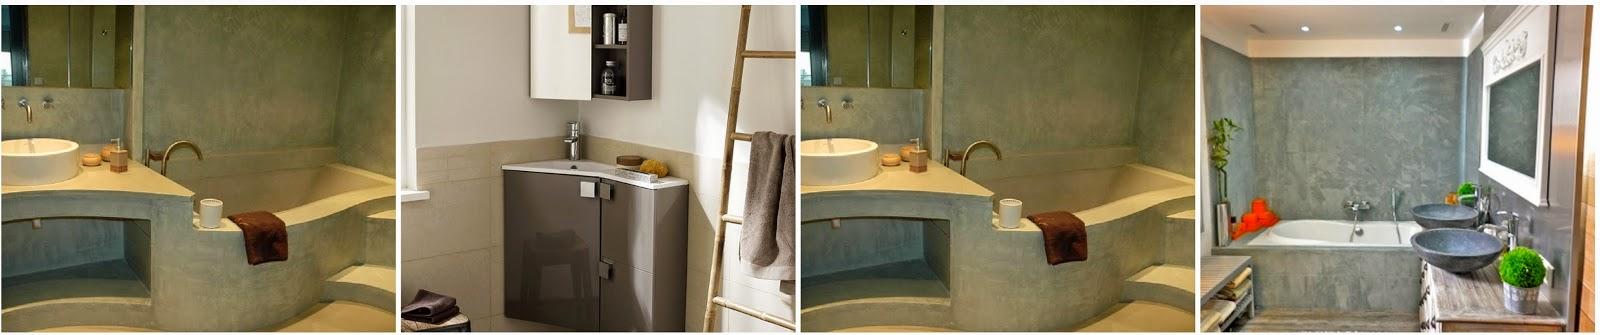 Revetement sol salle de bain pas cher peintre - Revetement sol salle de bain pas cher ...